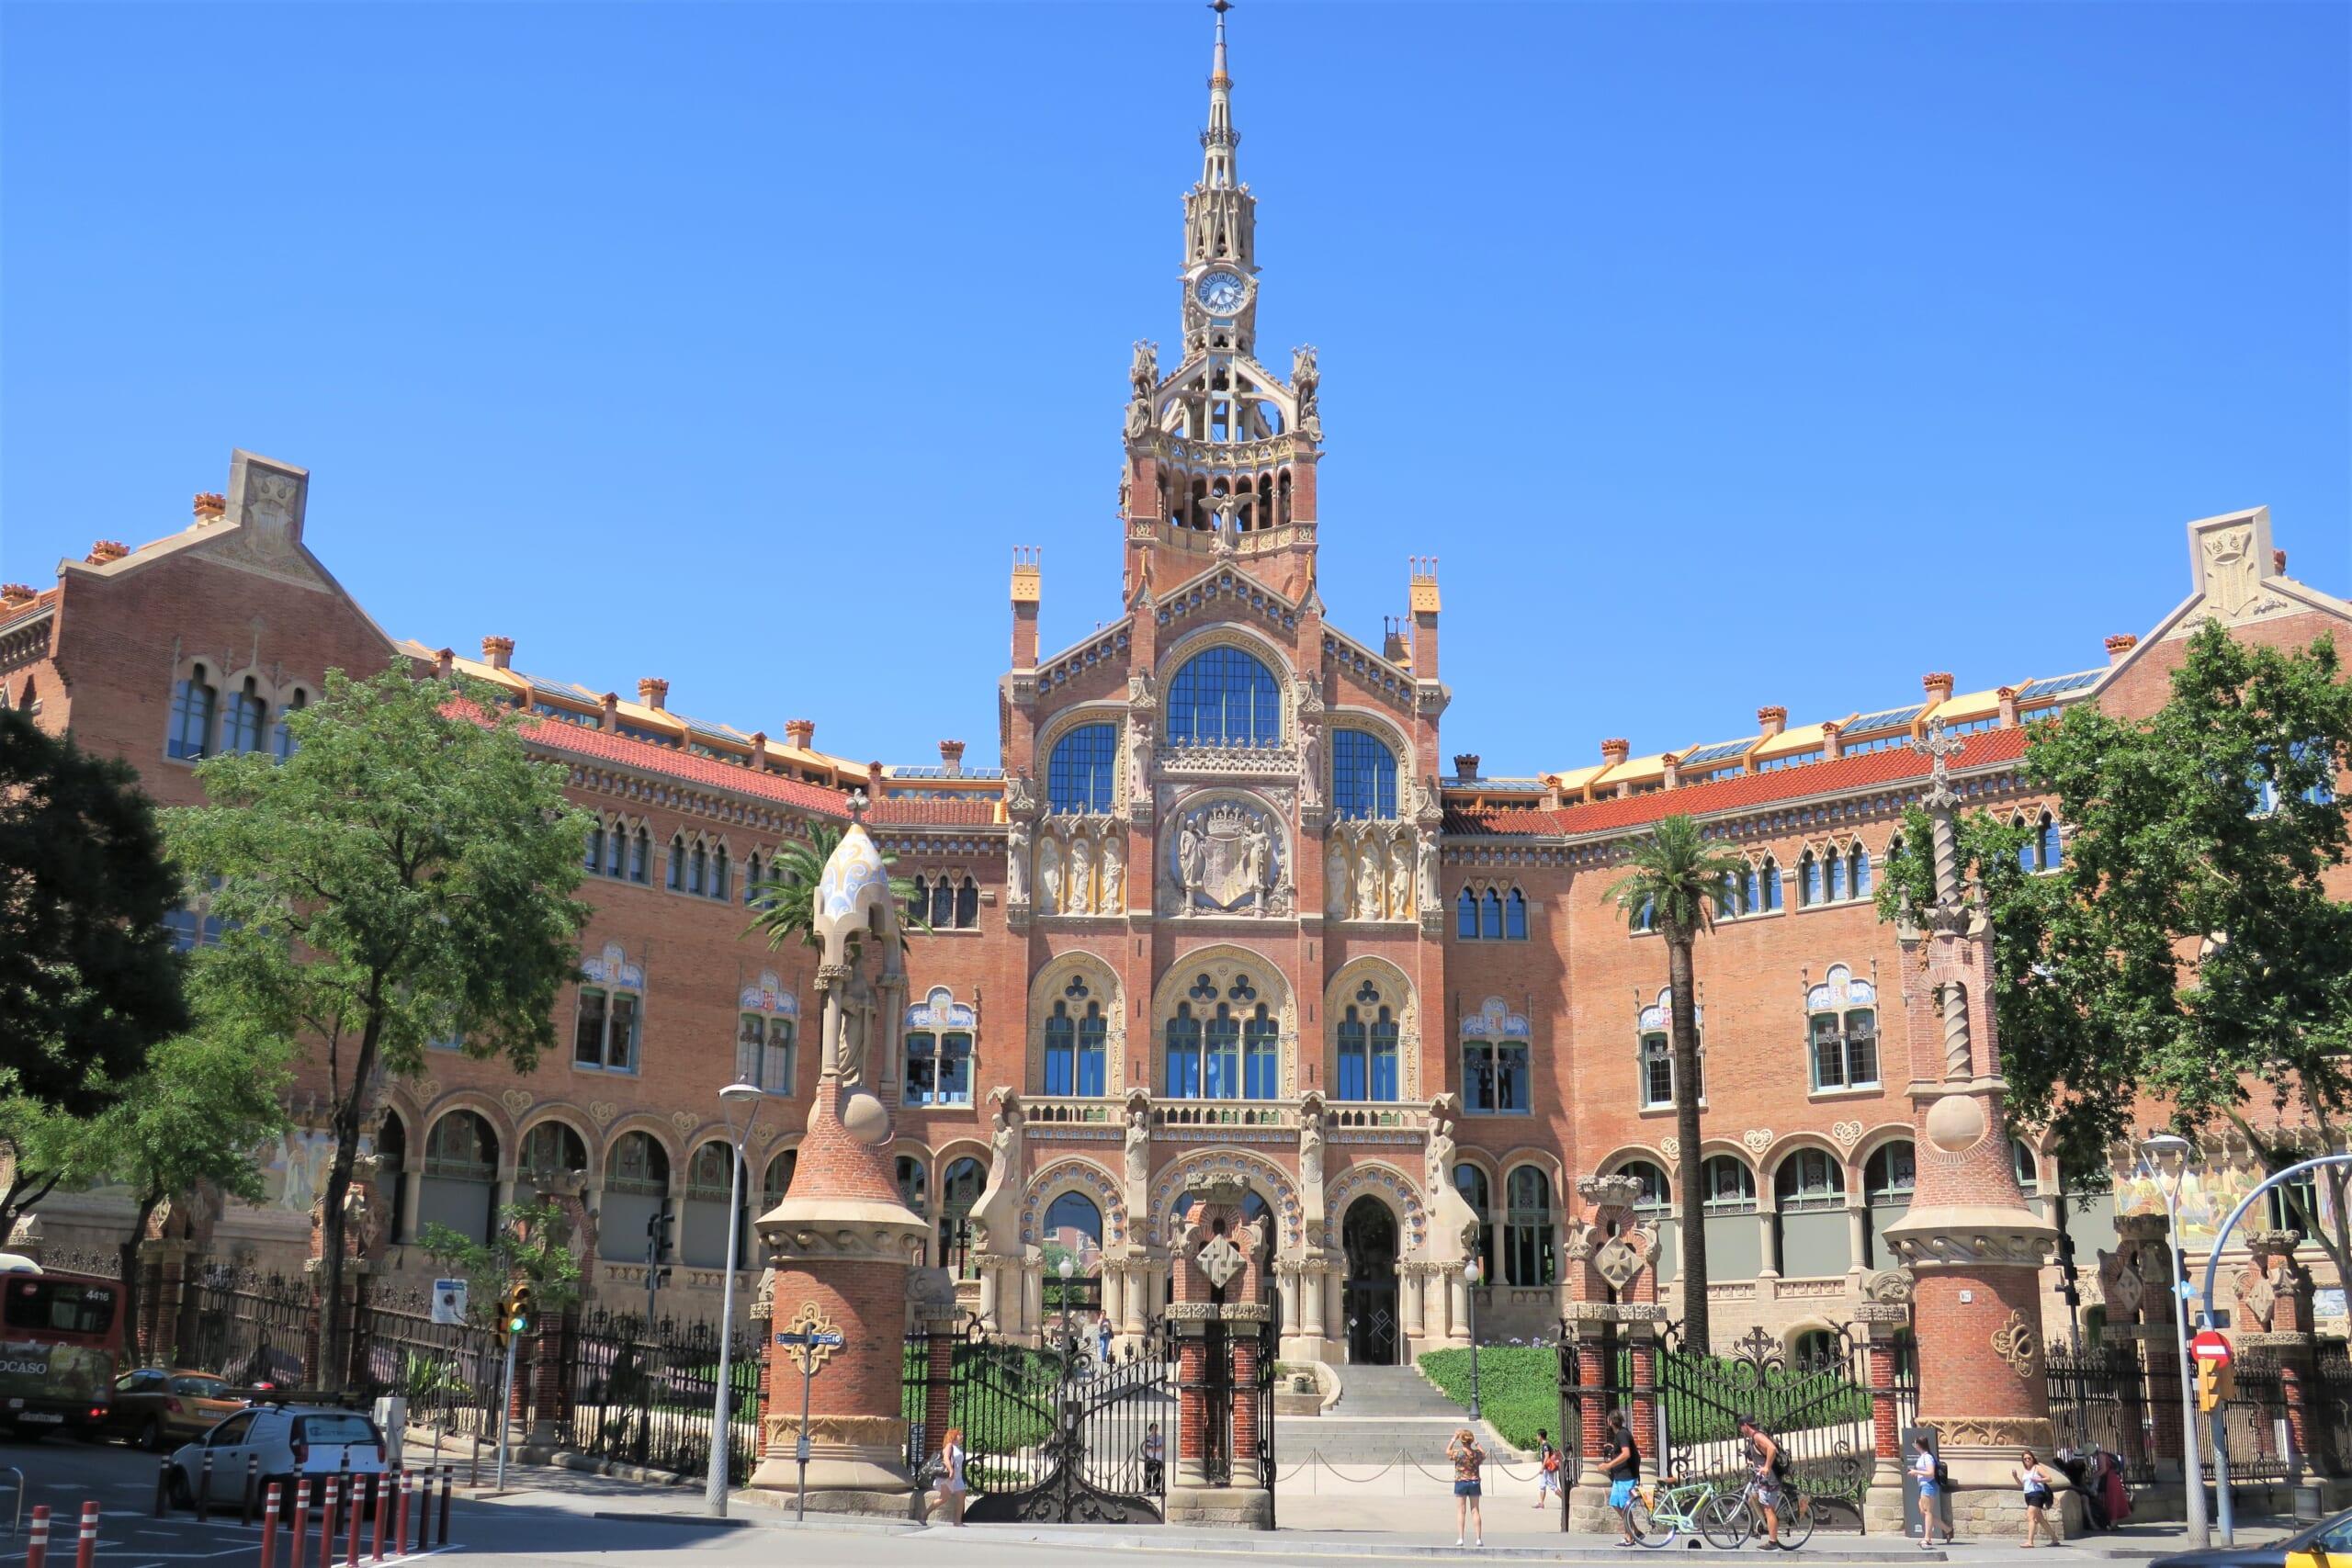 北スペインのモデルニスモ建築